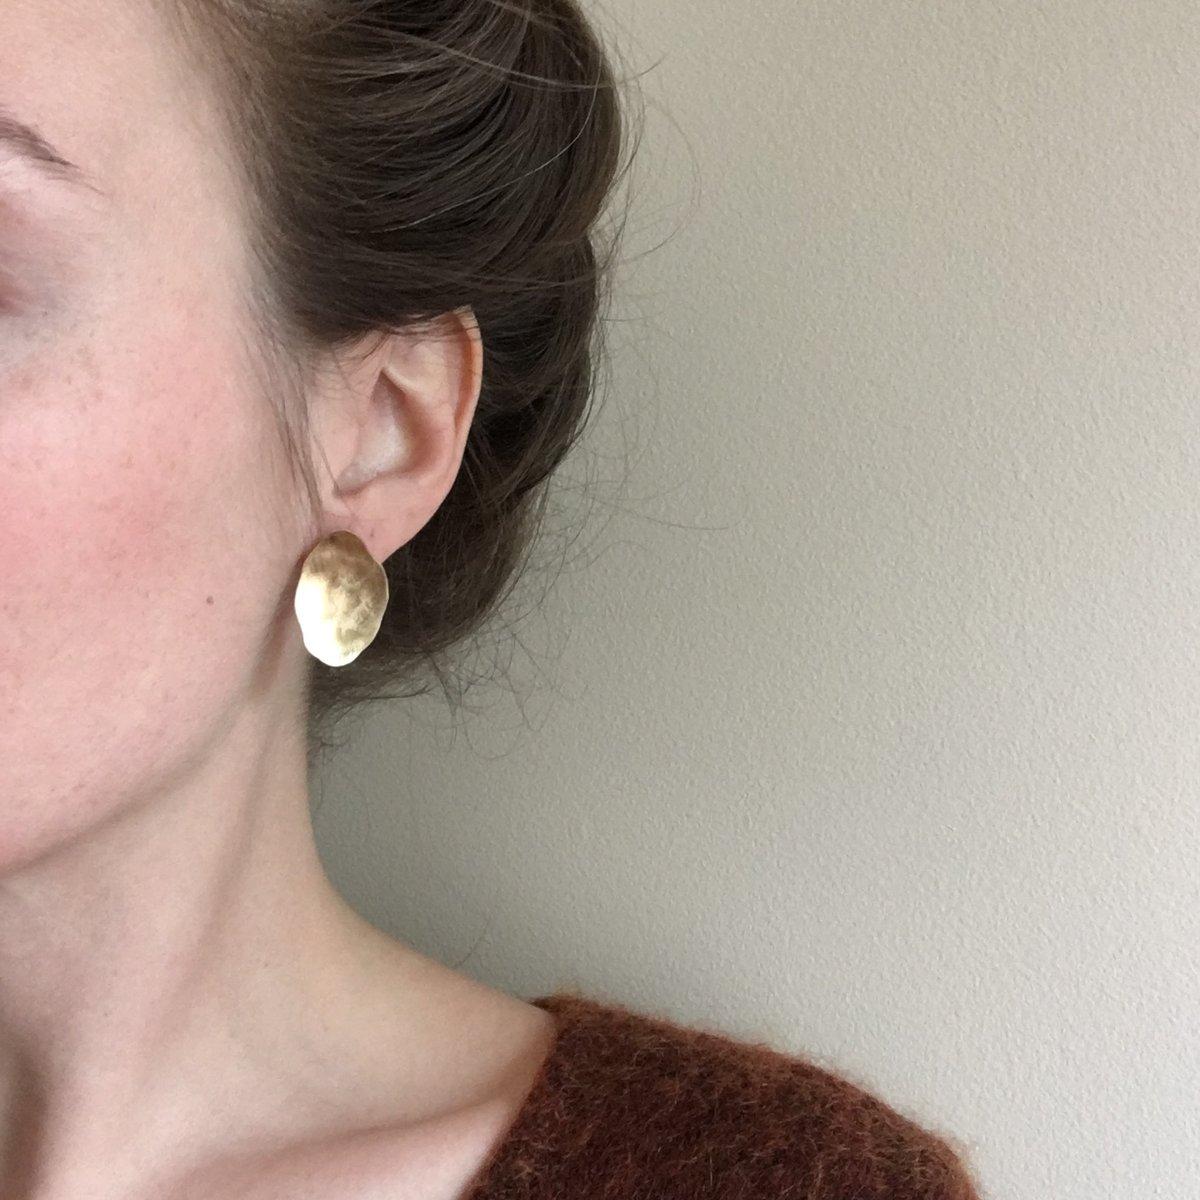 Image of trillium earring